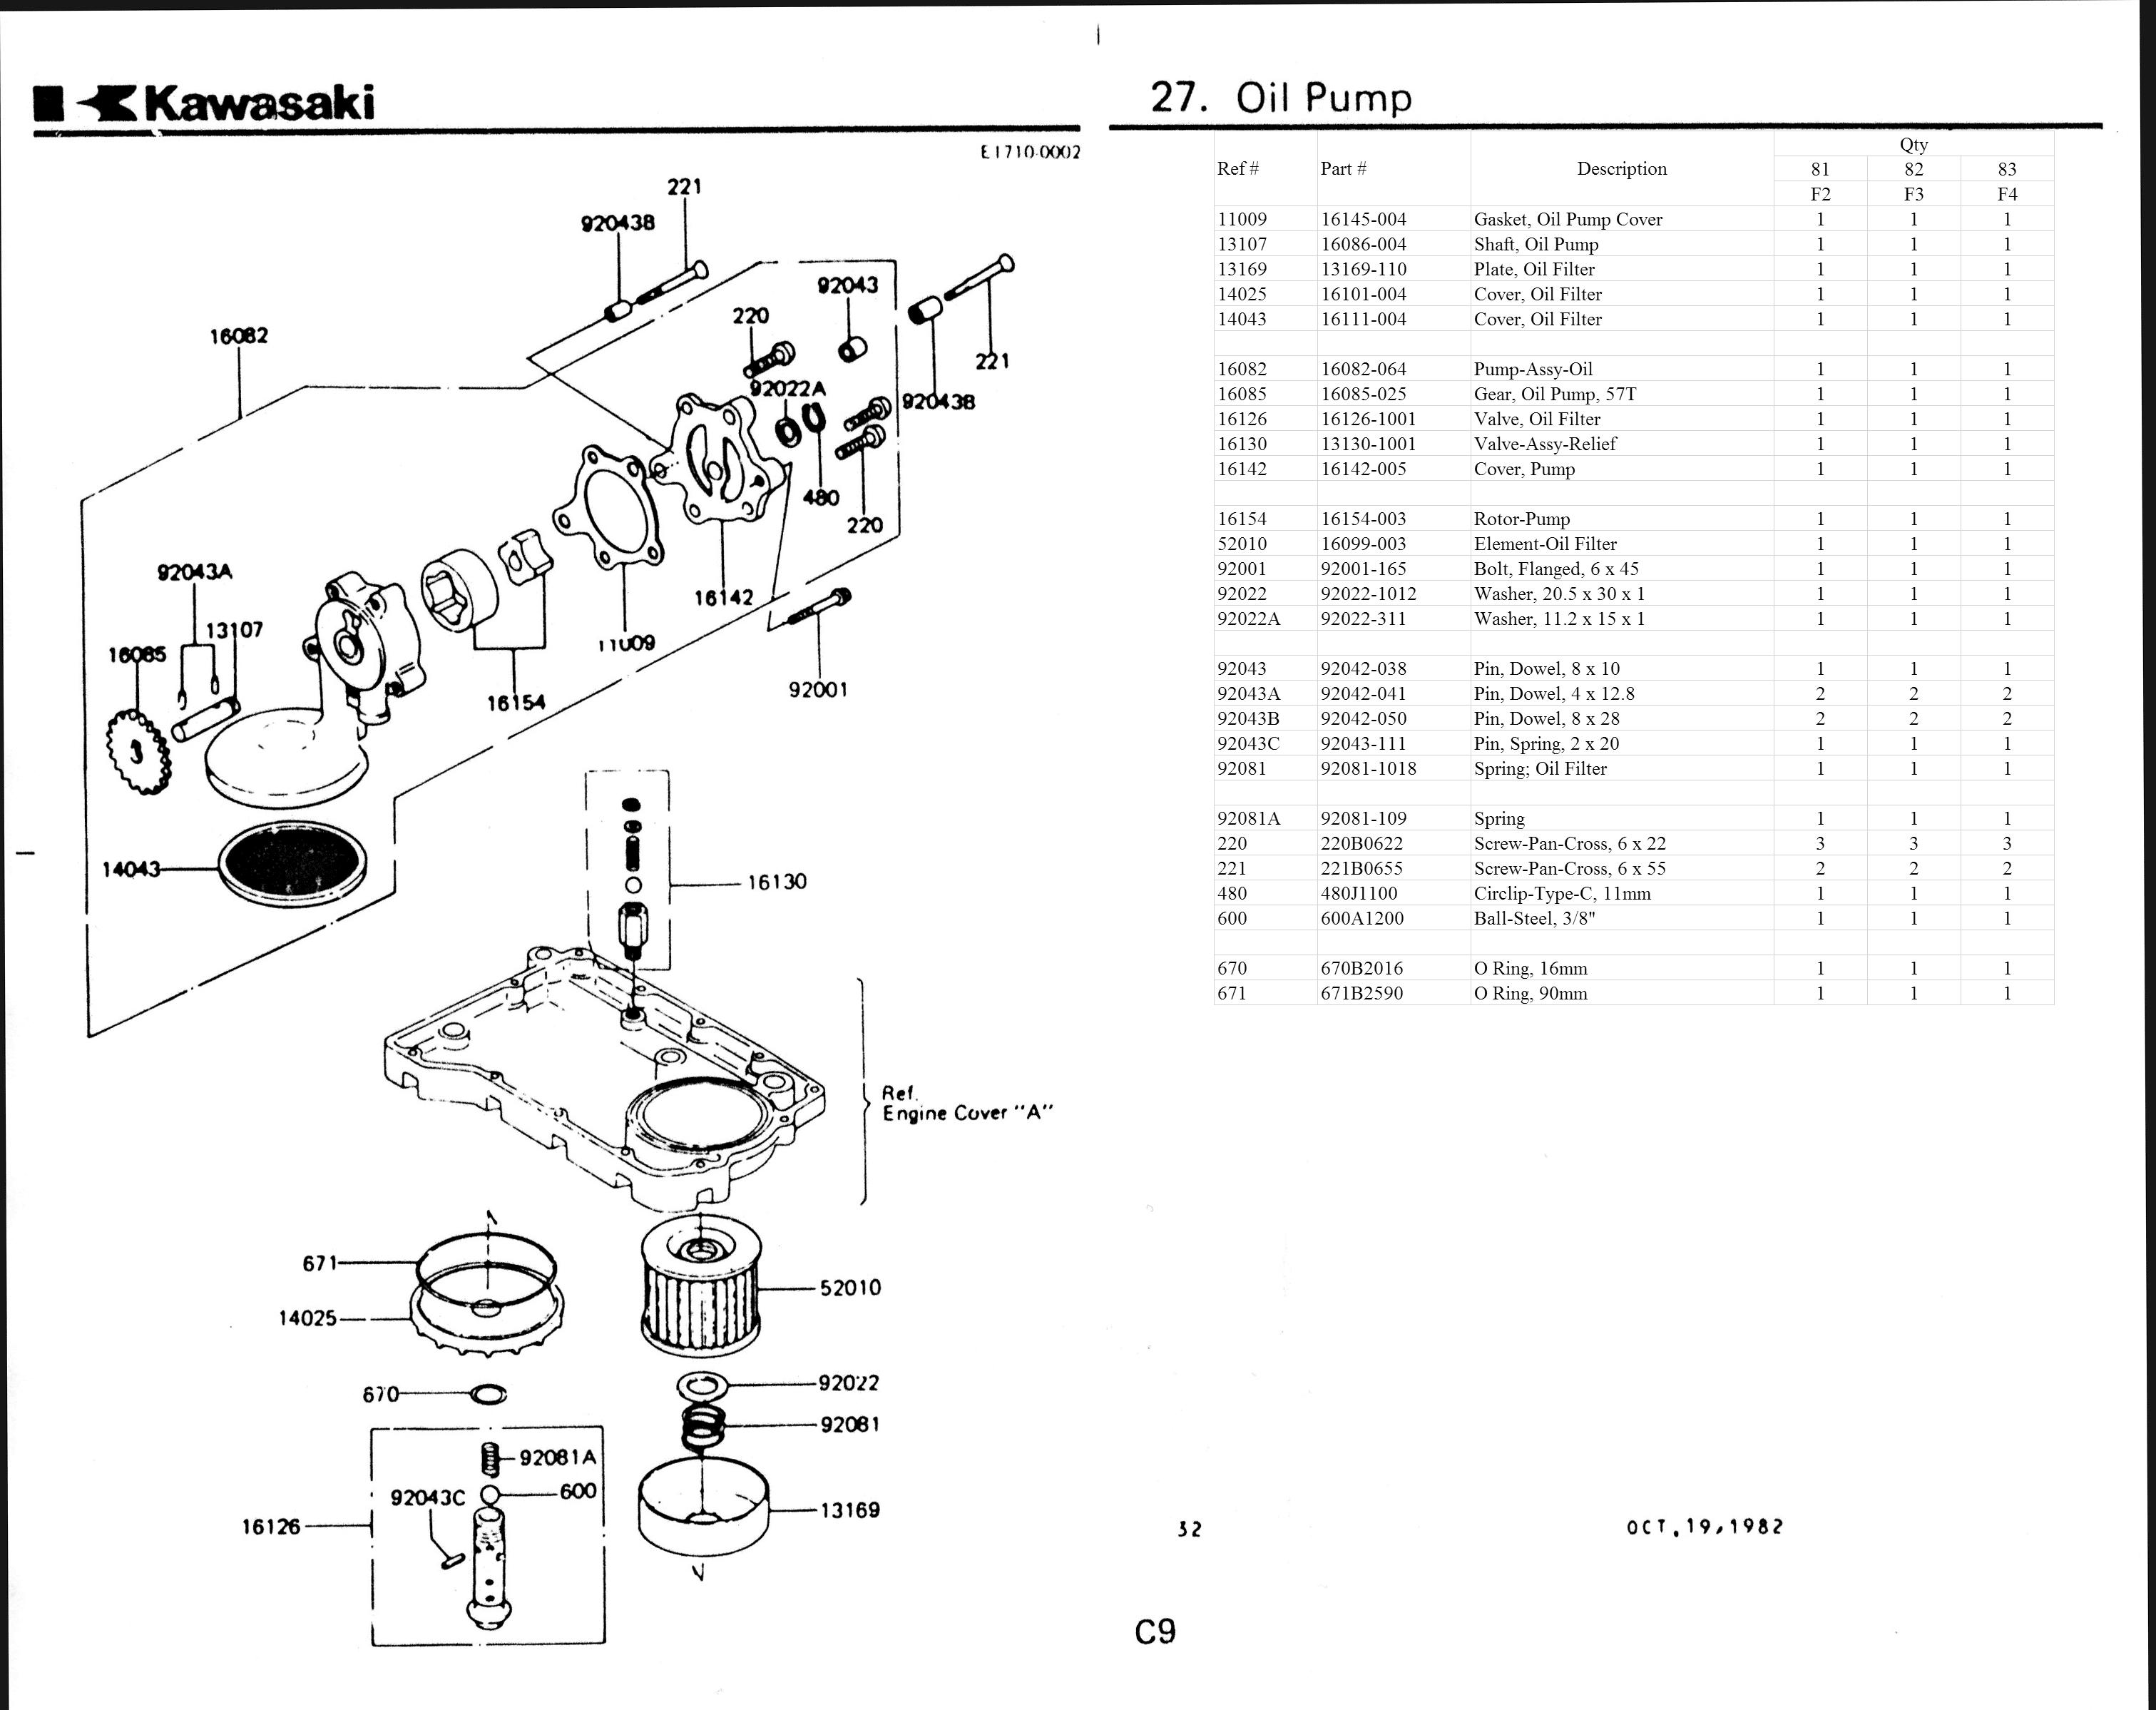 Micro fiche for Z650 F2/F3/F4